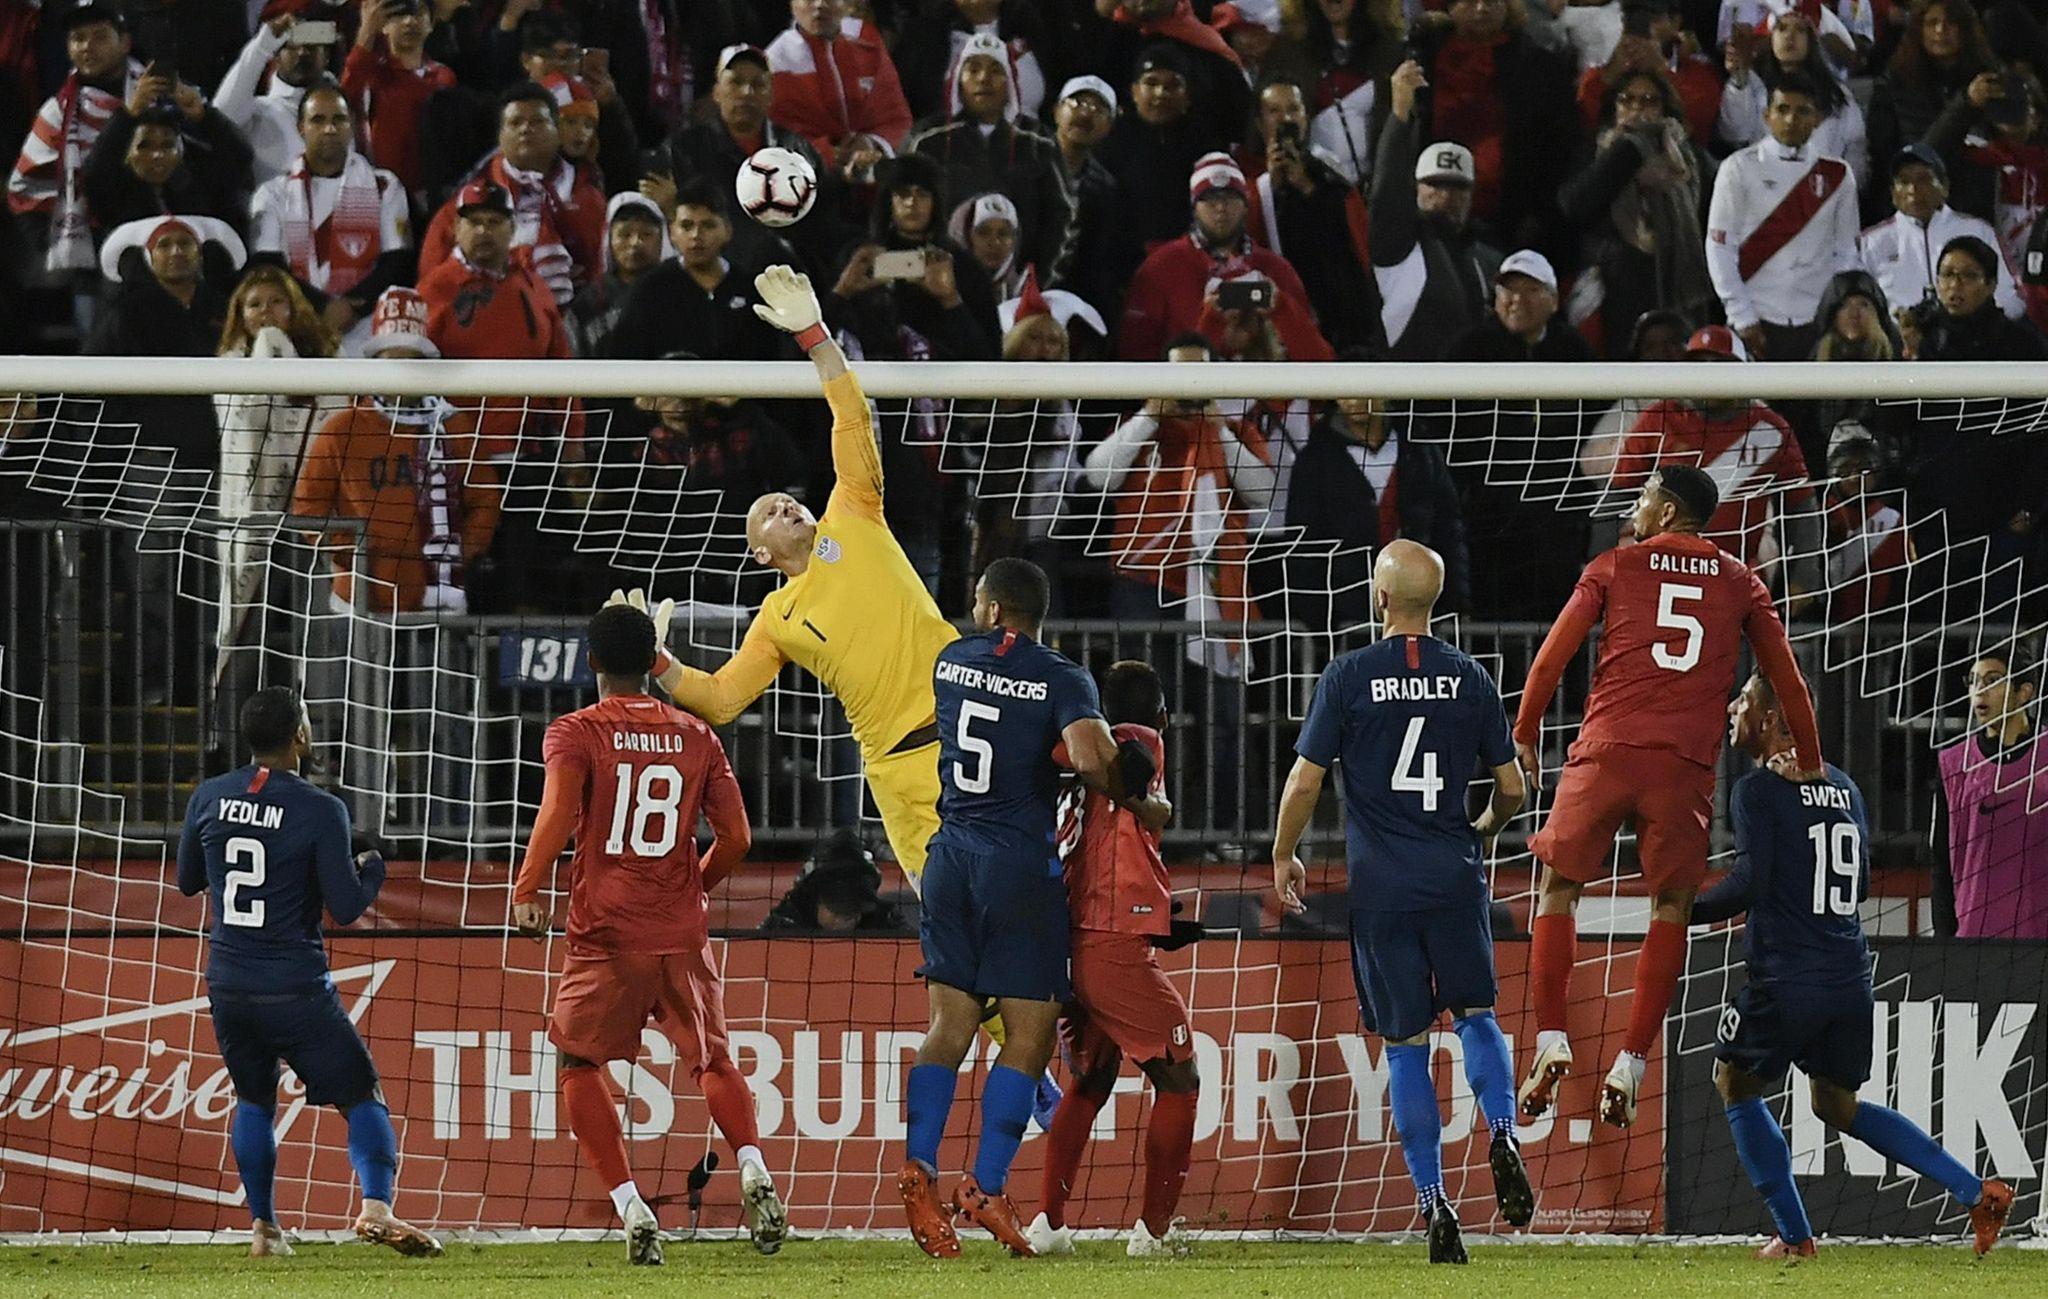 Peru_united_states_soccer_49443_s2048x1299